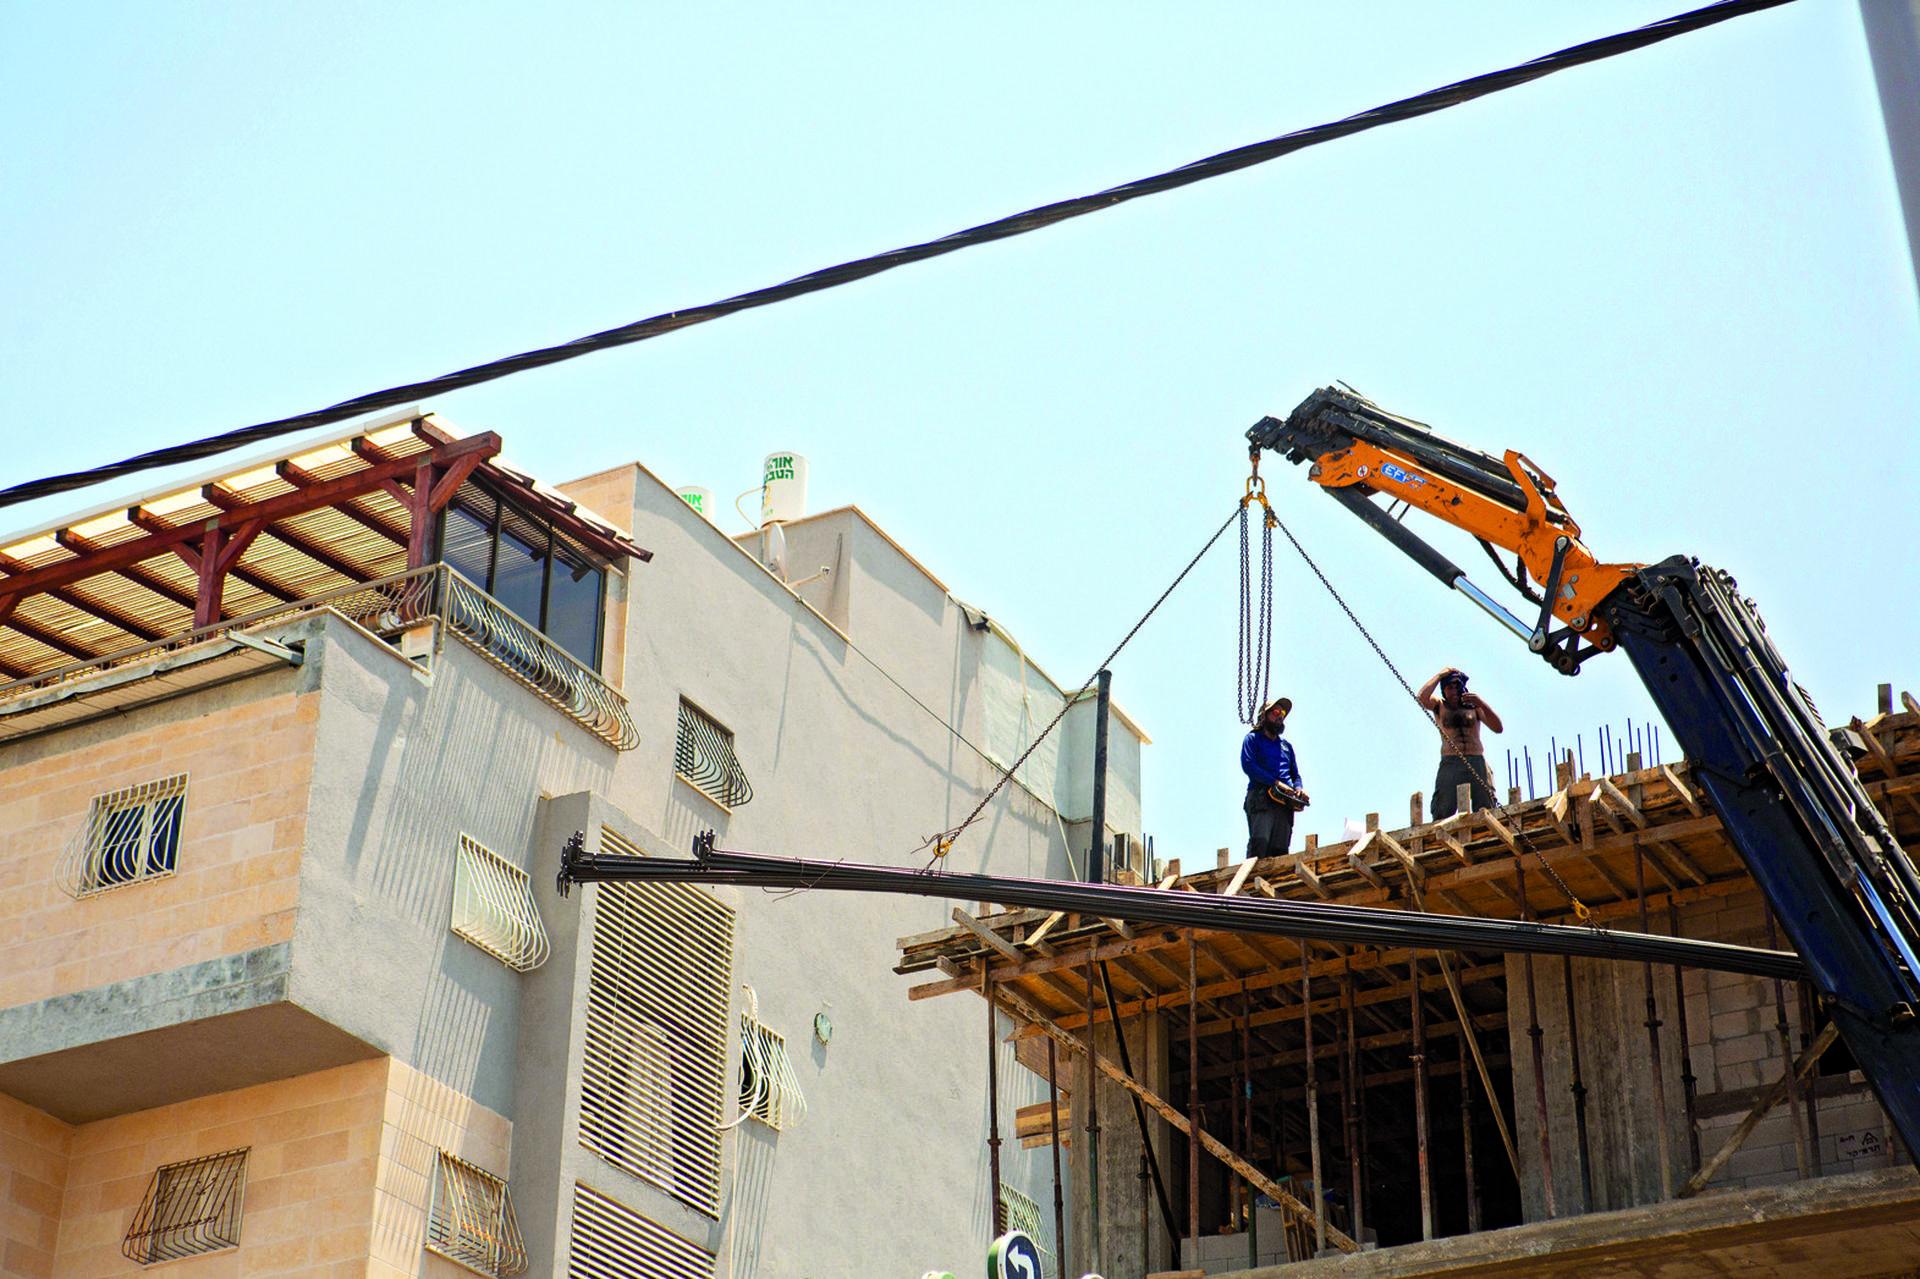 הבניין ברחוב אברבנאל. מי שמע על מעקה בטיחות? | צילום: תומי הרפז